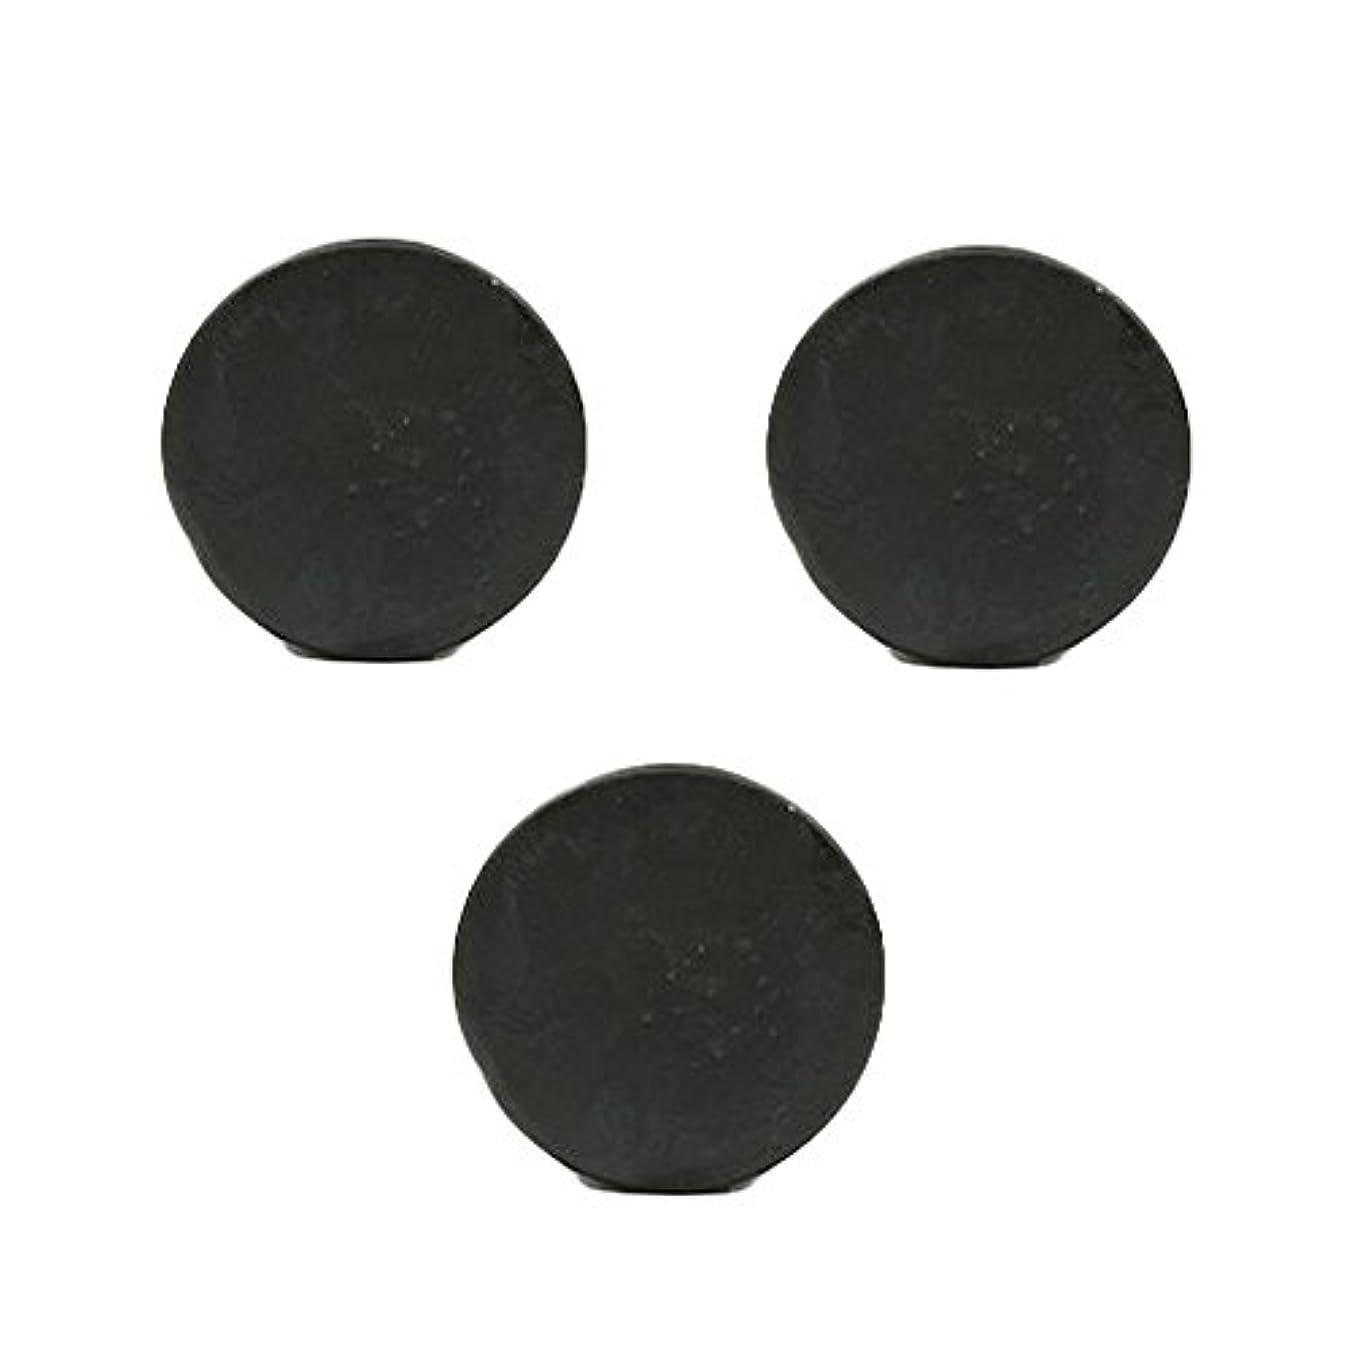 レギュラー裁判所ランドマーク薬用人参クレンジングソープ3個 / Fermented Dark Black Ginseng Cleansing Soap 3pcs[海外直送品] [並行輸入品]